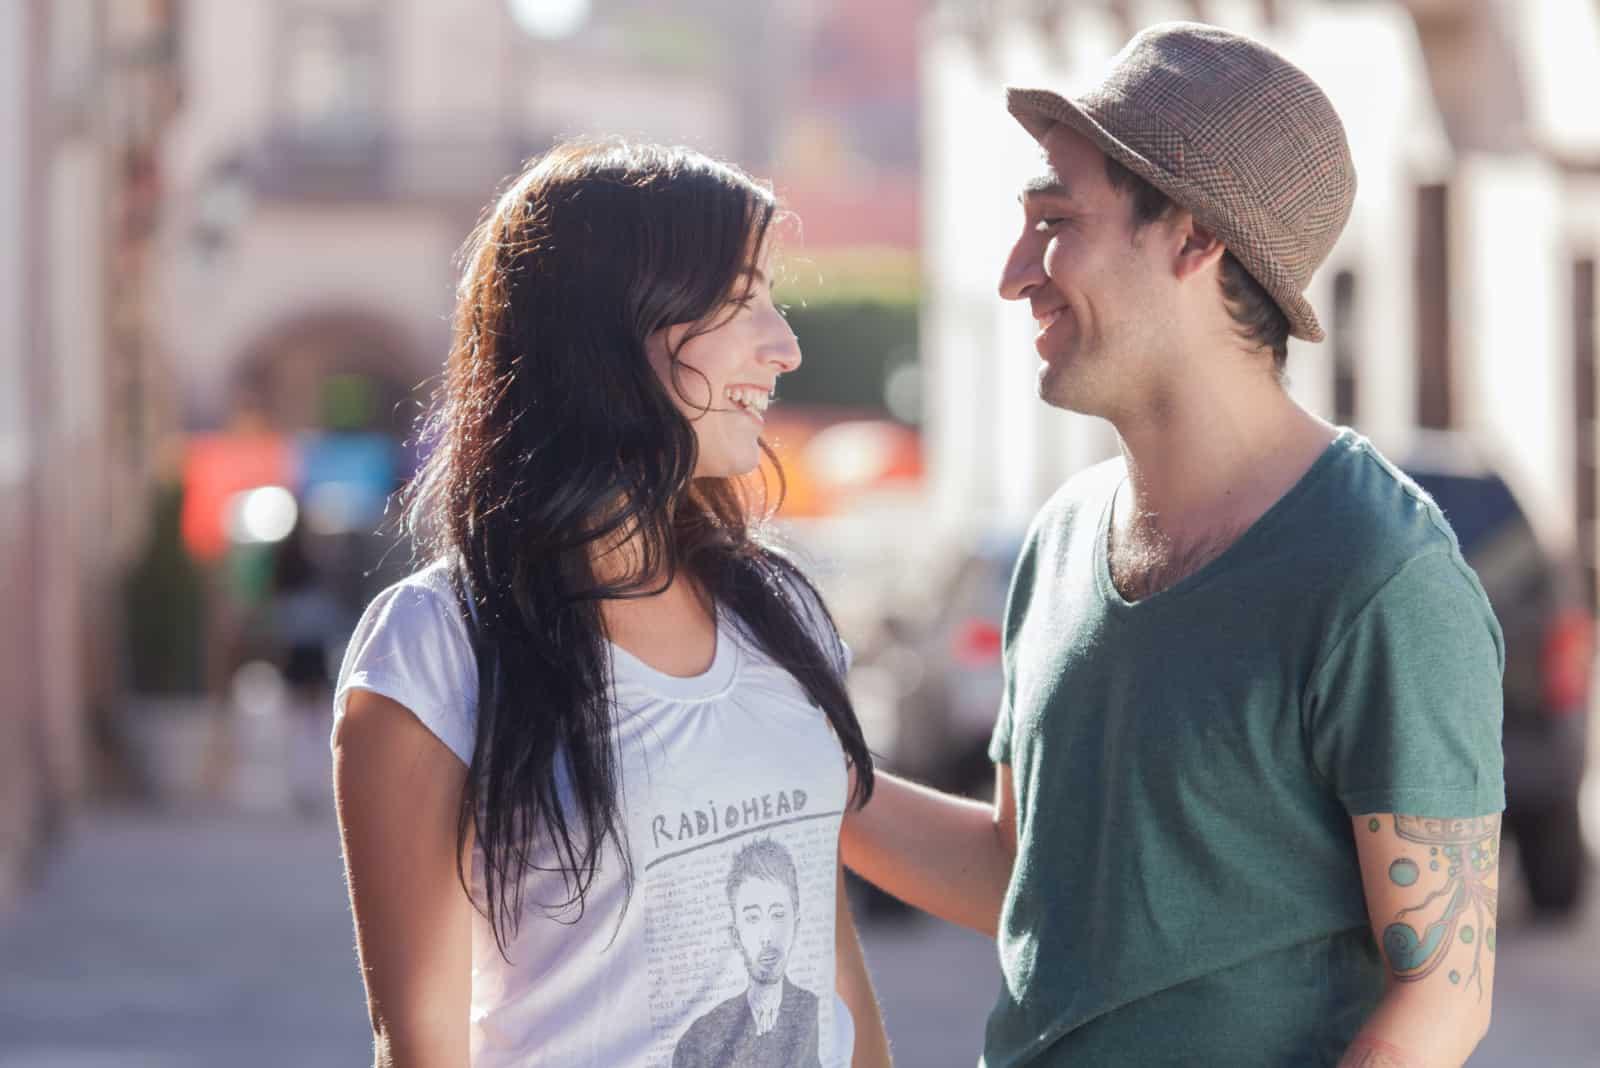 homme et femme souriant dans la rue